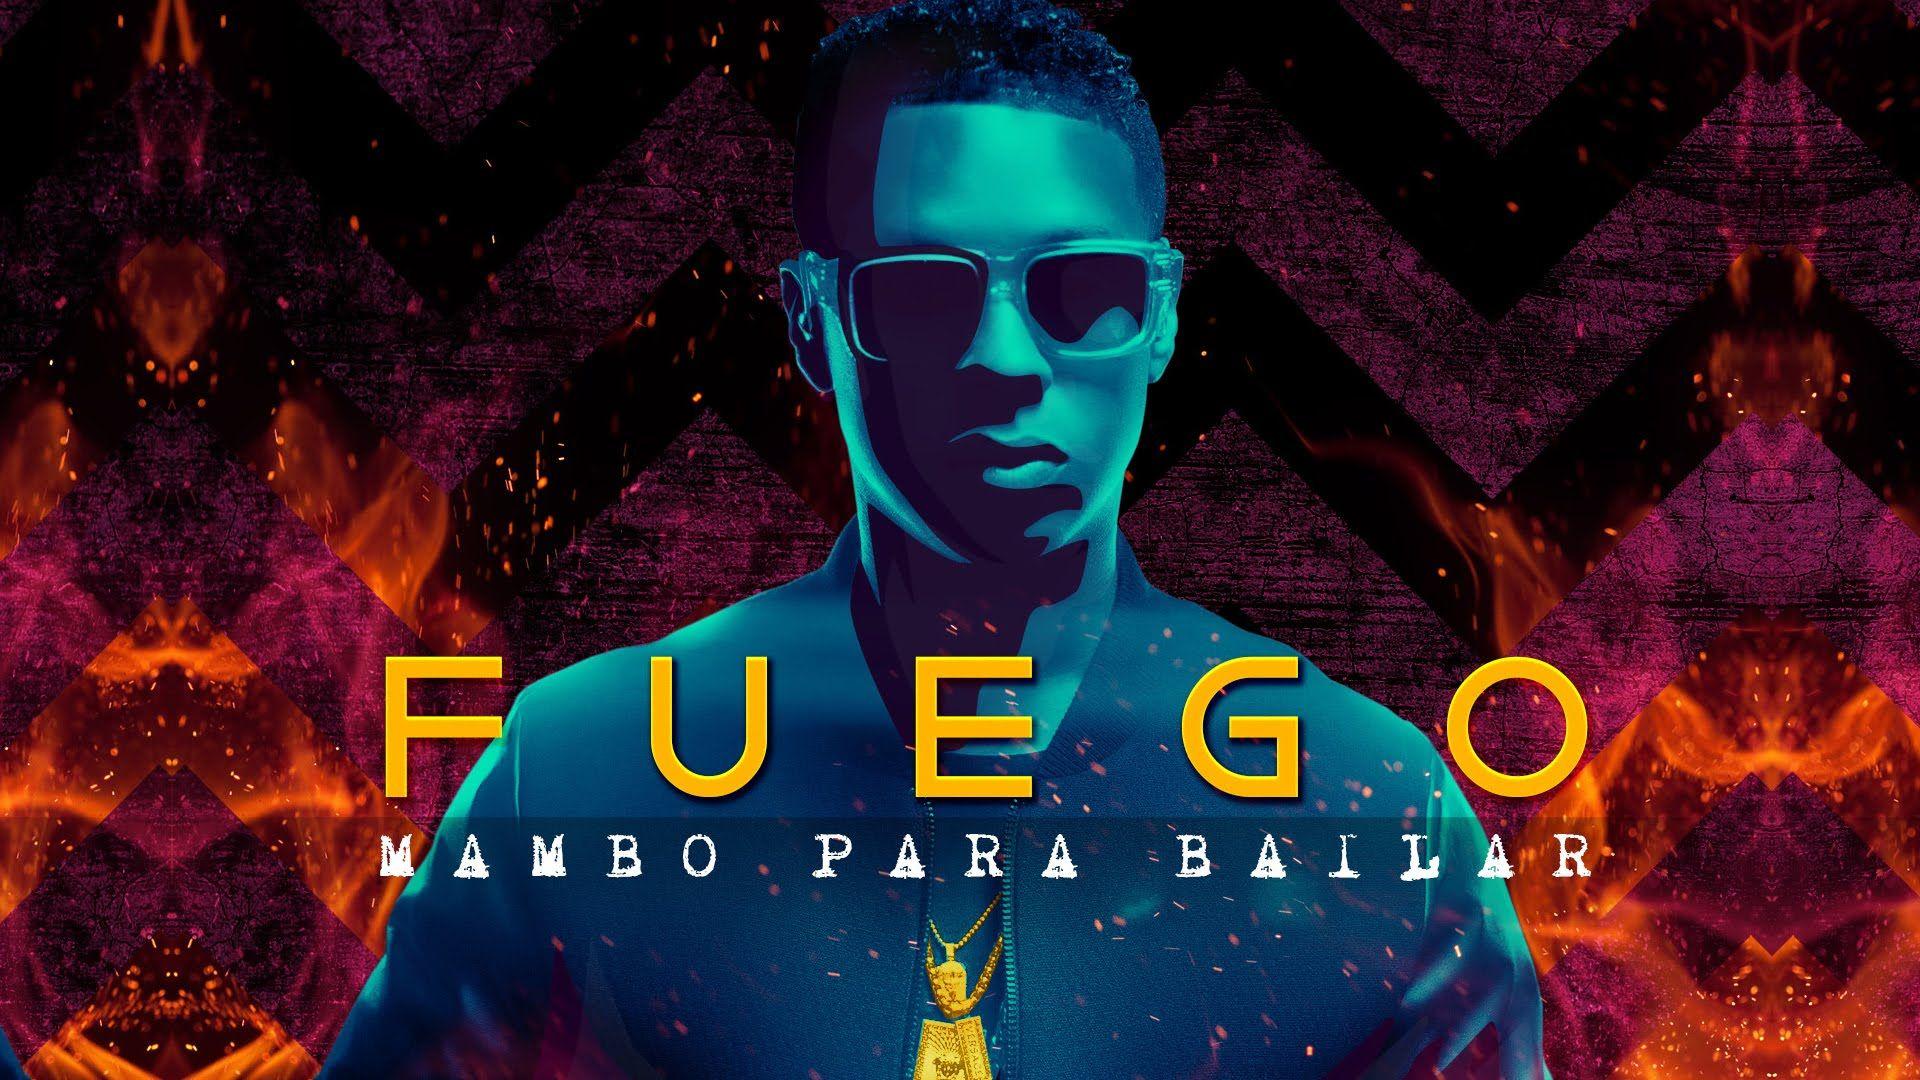 Fuego - Mambo Para Bailar | Merengue 2015 [@FuegoFBM]